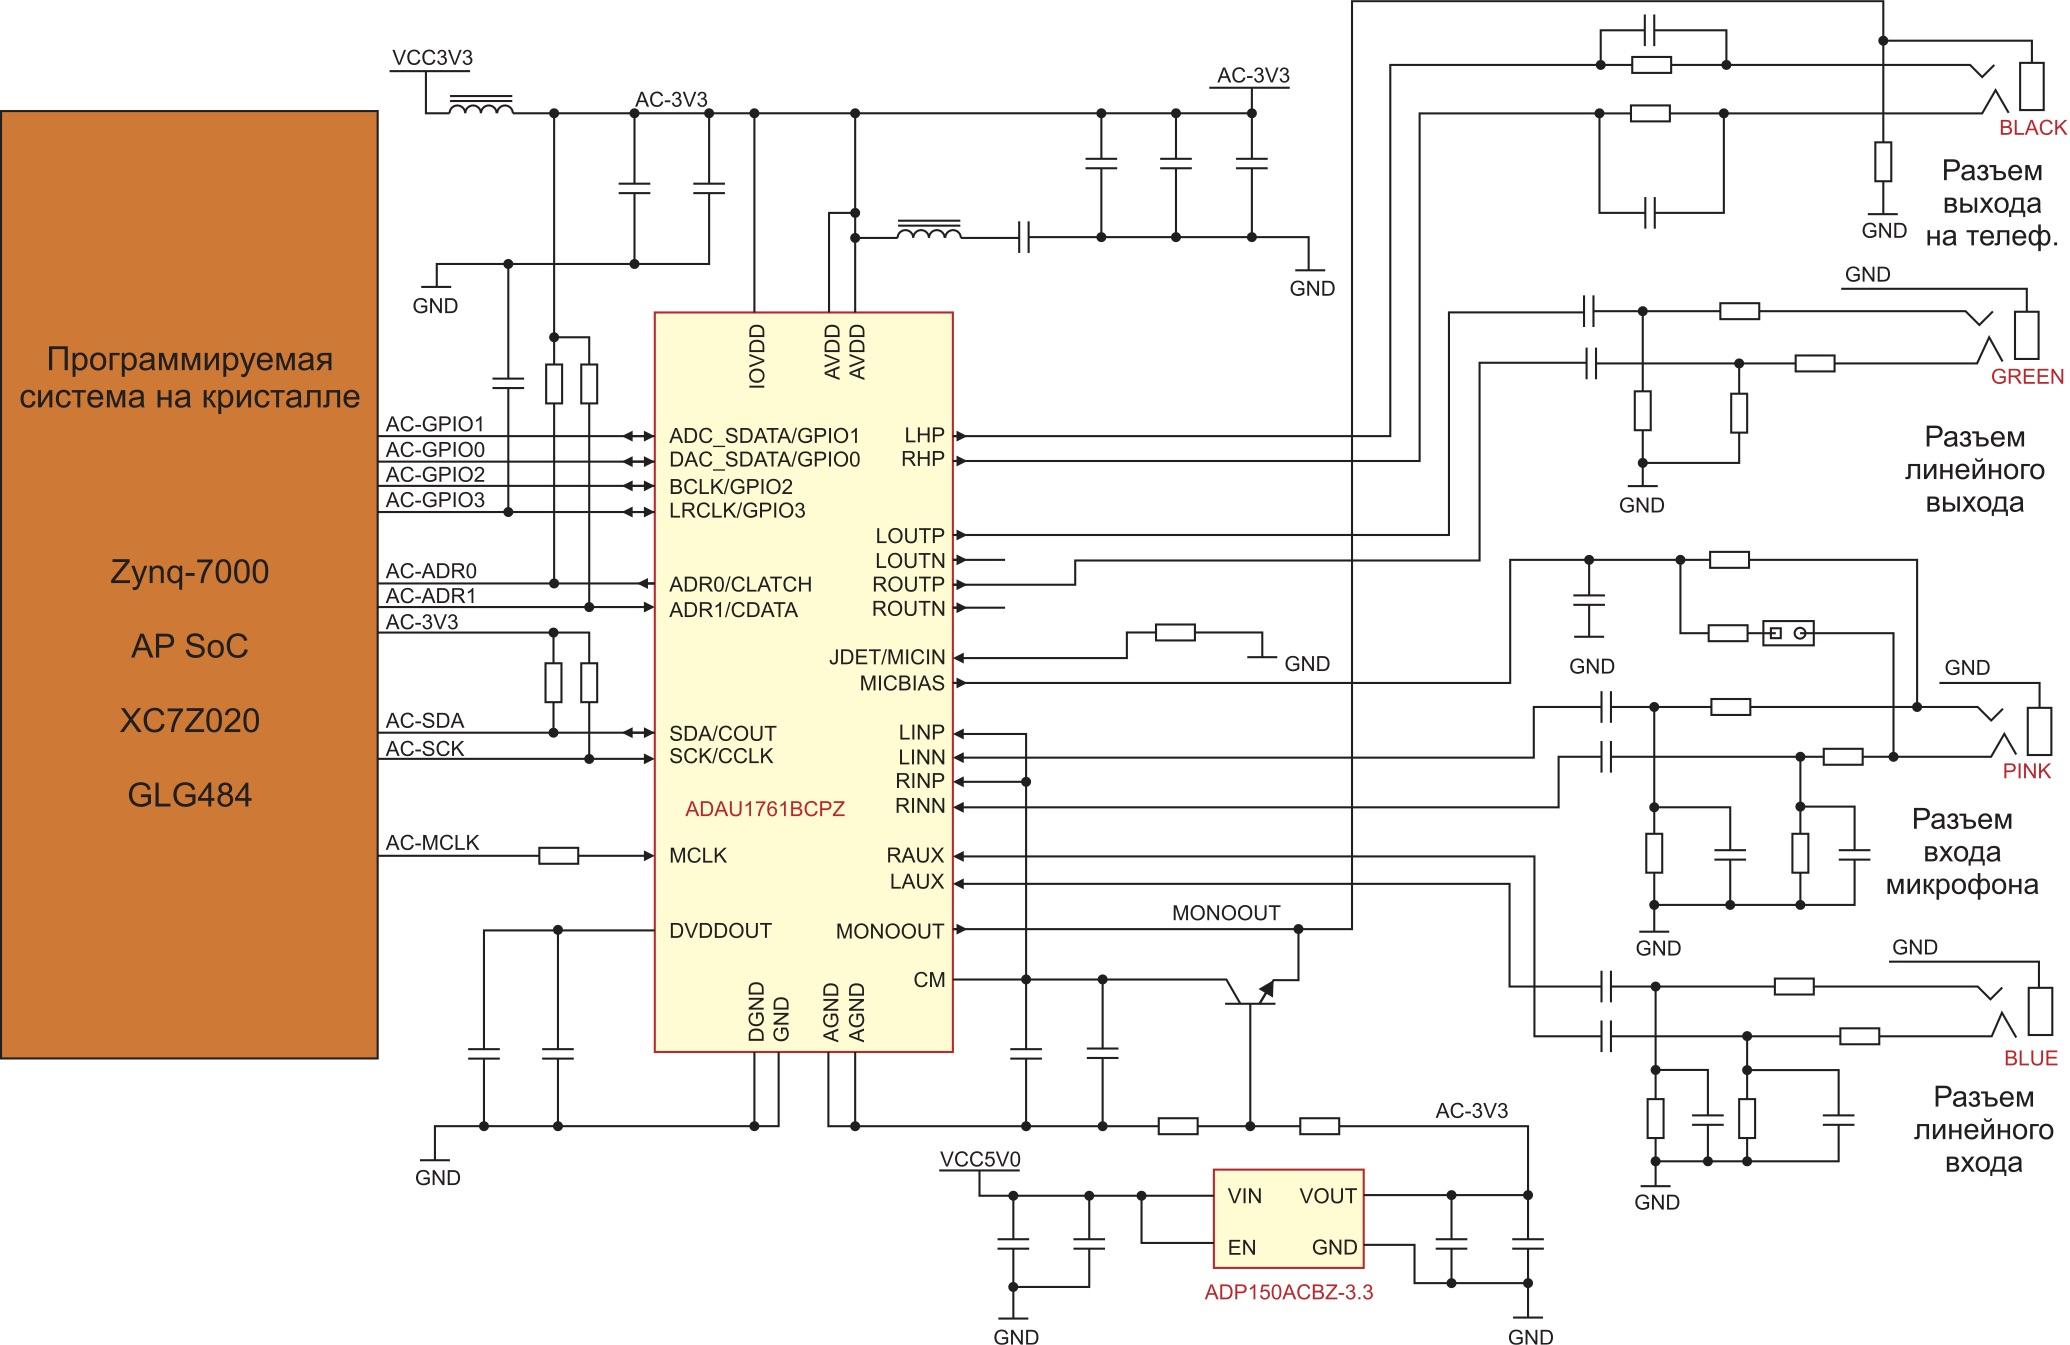 Схема сопряжения аудиокодека с программируемой системой на кристалле XC7Z020 в инструментальном модуле ZedBoard